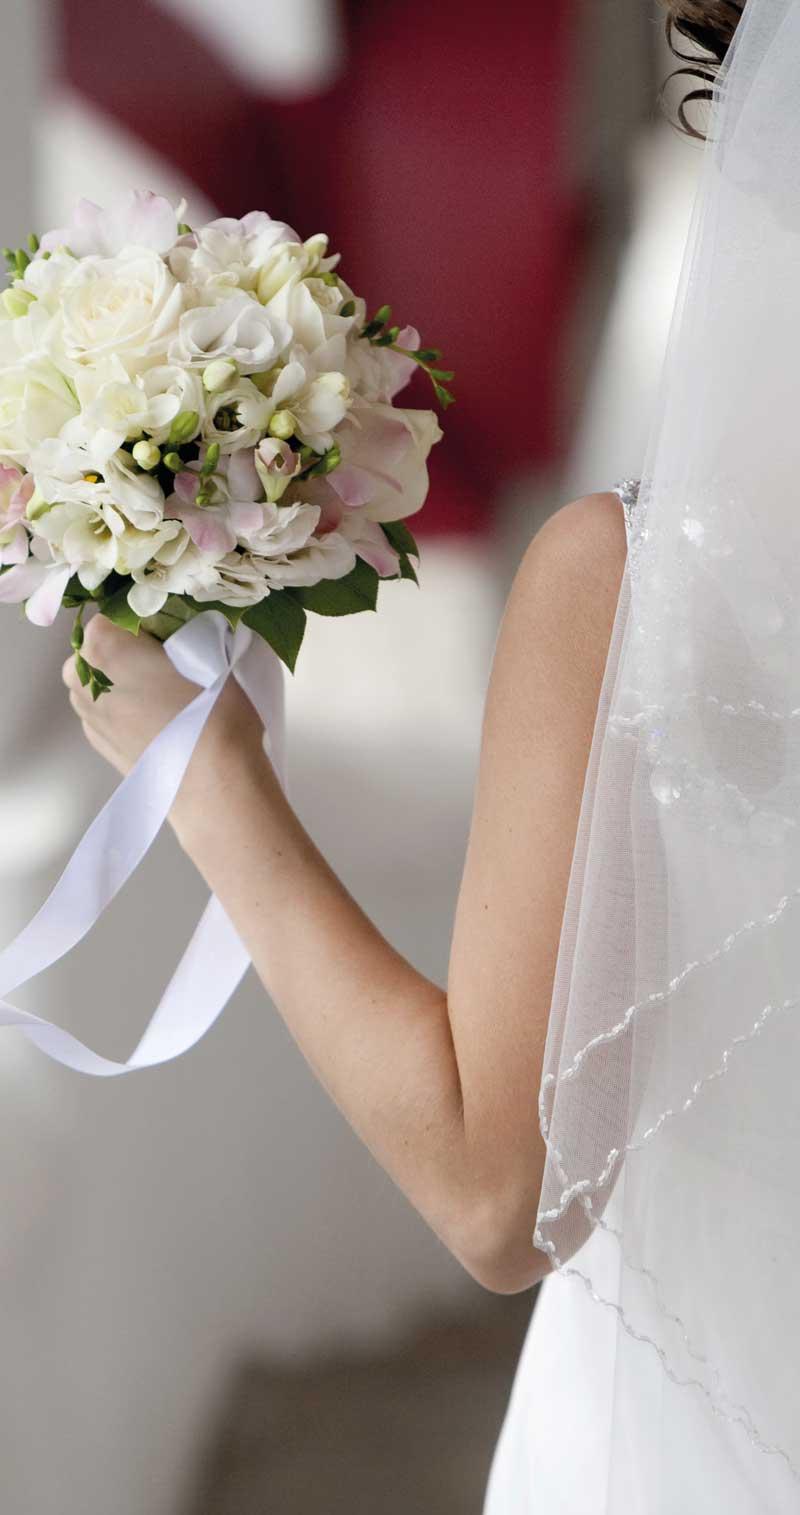 Aliados cosméticos para a noiva: antes, durante e depois da boda